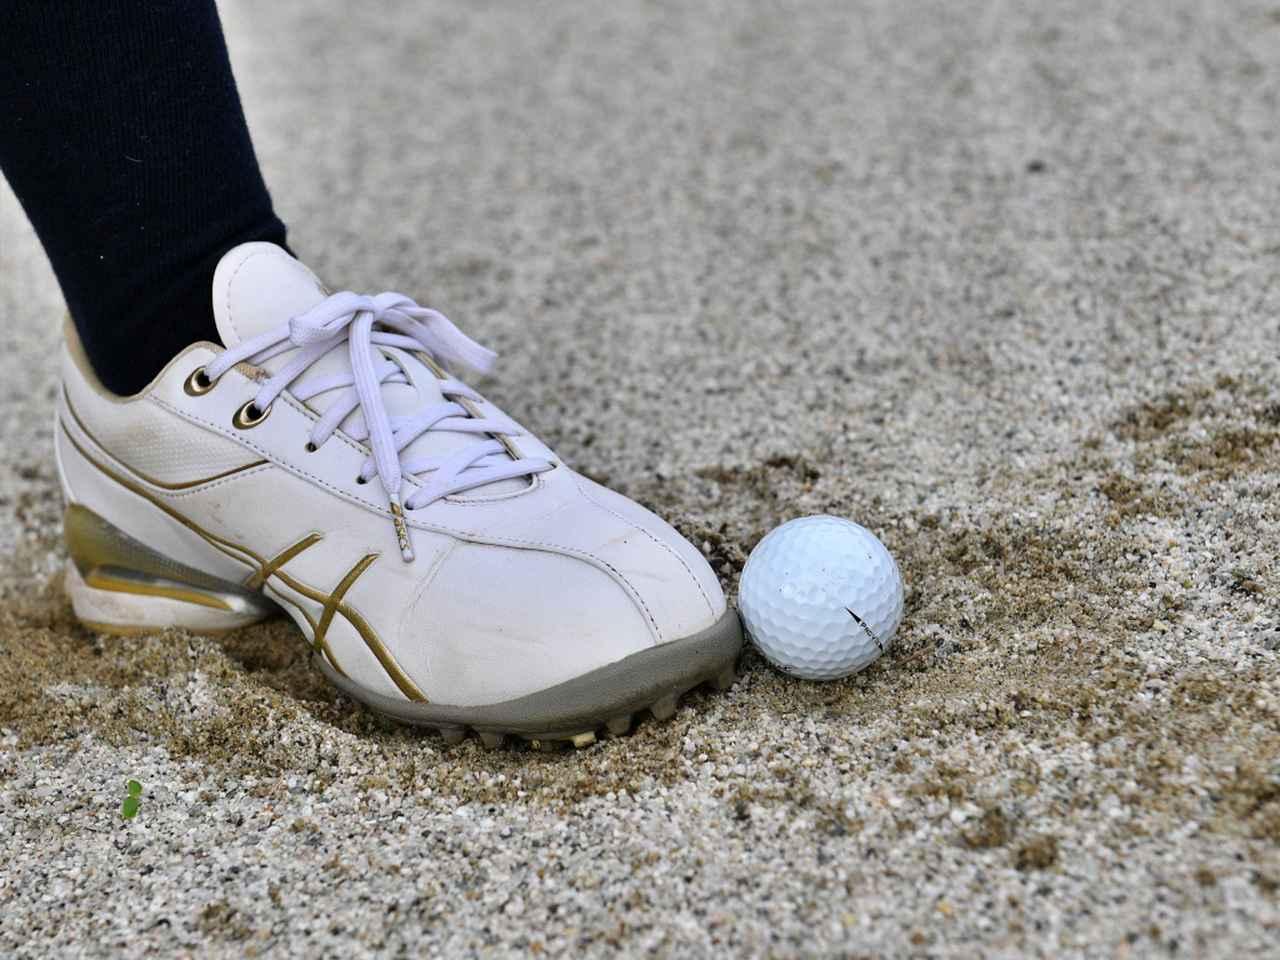 画像7: 【ゴルフルール理解度クイズ】〇か✖か何問正解できる? 新ルールになってはや1年、80点以上で合格